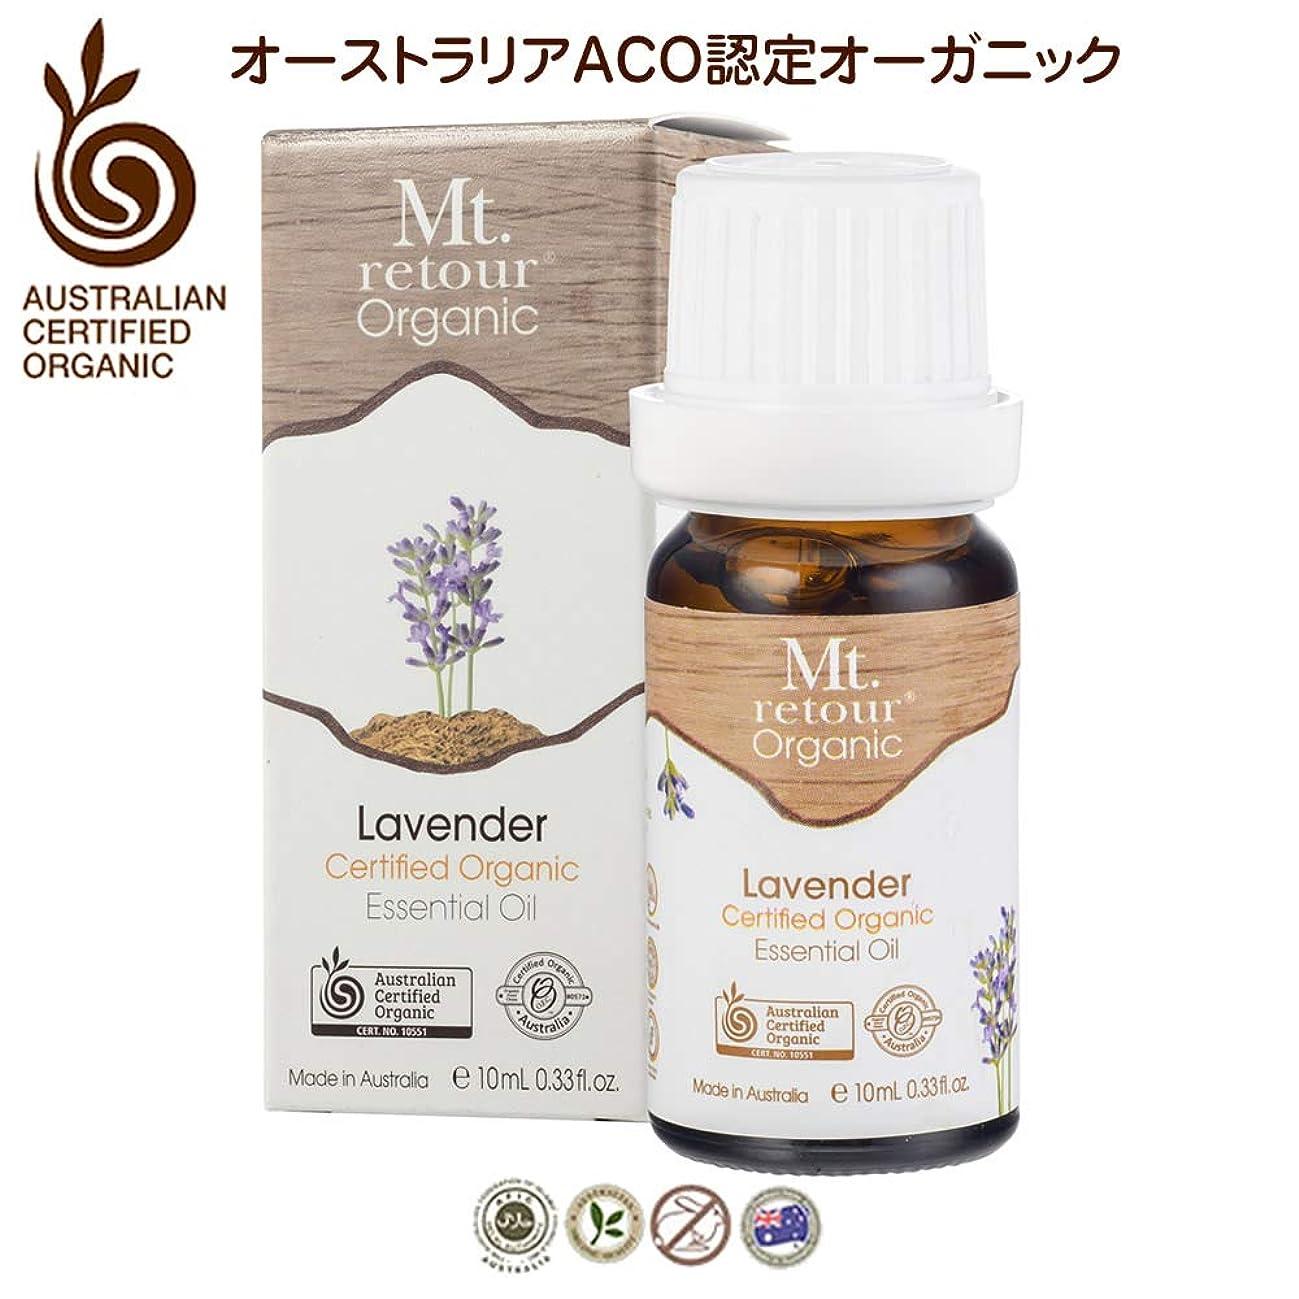 貫通するオーナーオーチャードMt. retour ACO認定オーガニック ラベンダー10ml エッセンシャルオイル(無農薬有機栽培)アロマ